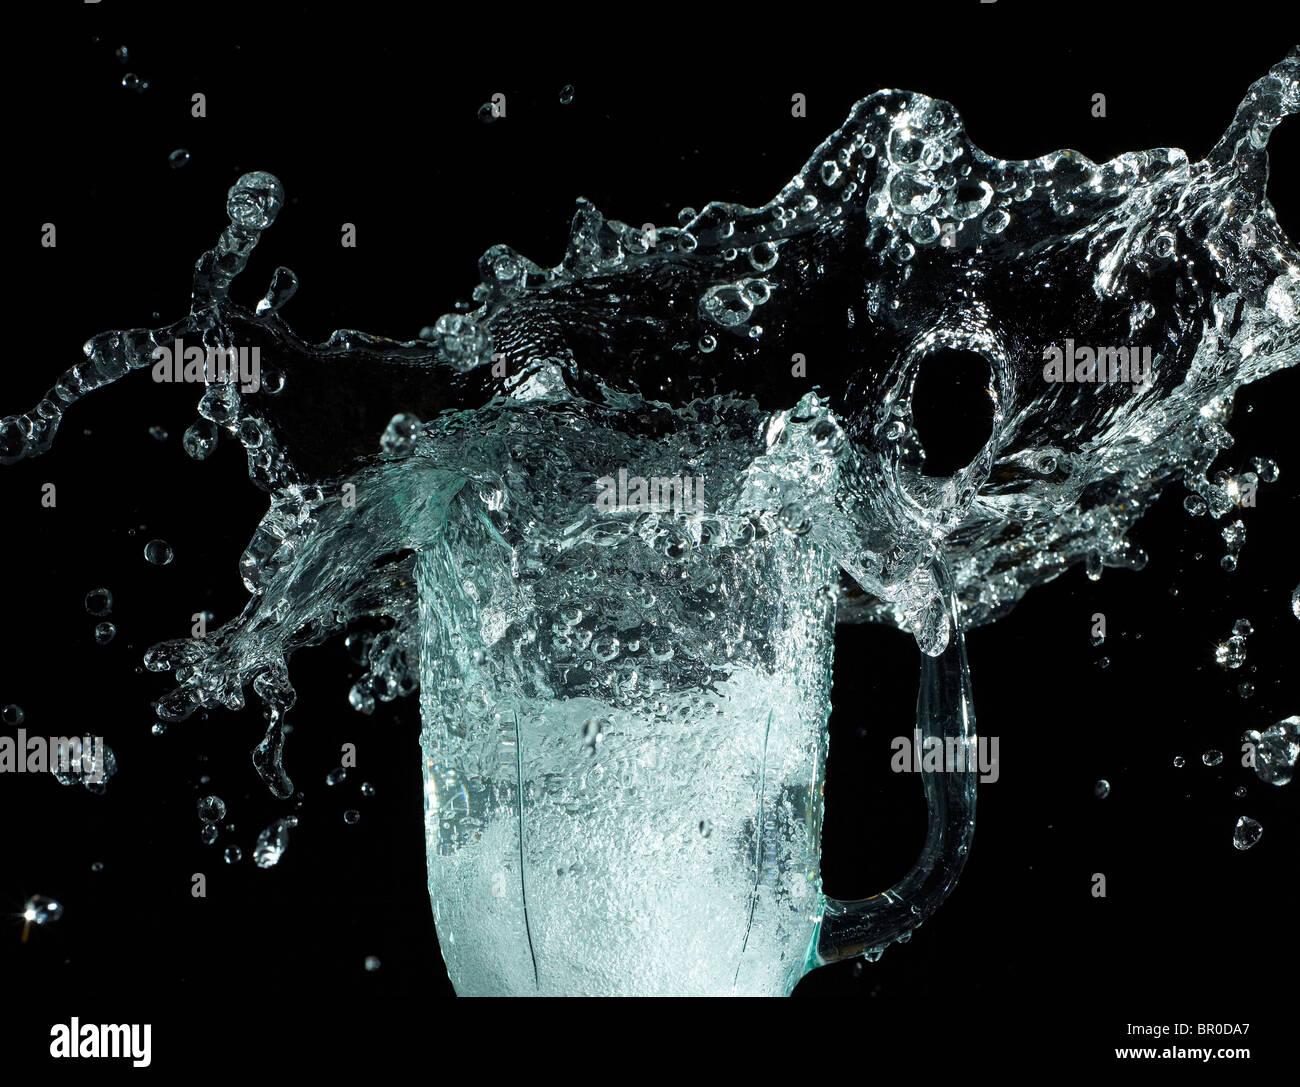 De l'eau dynamique des vagues sur un fond noir Photo Stock